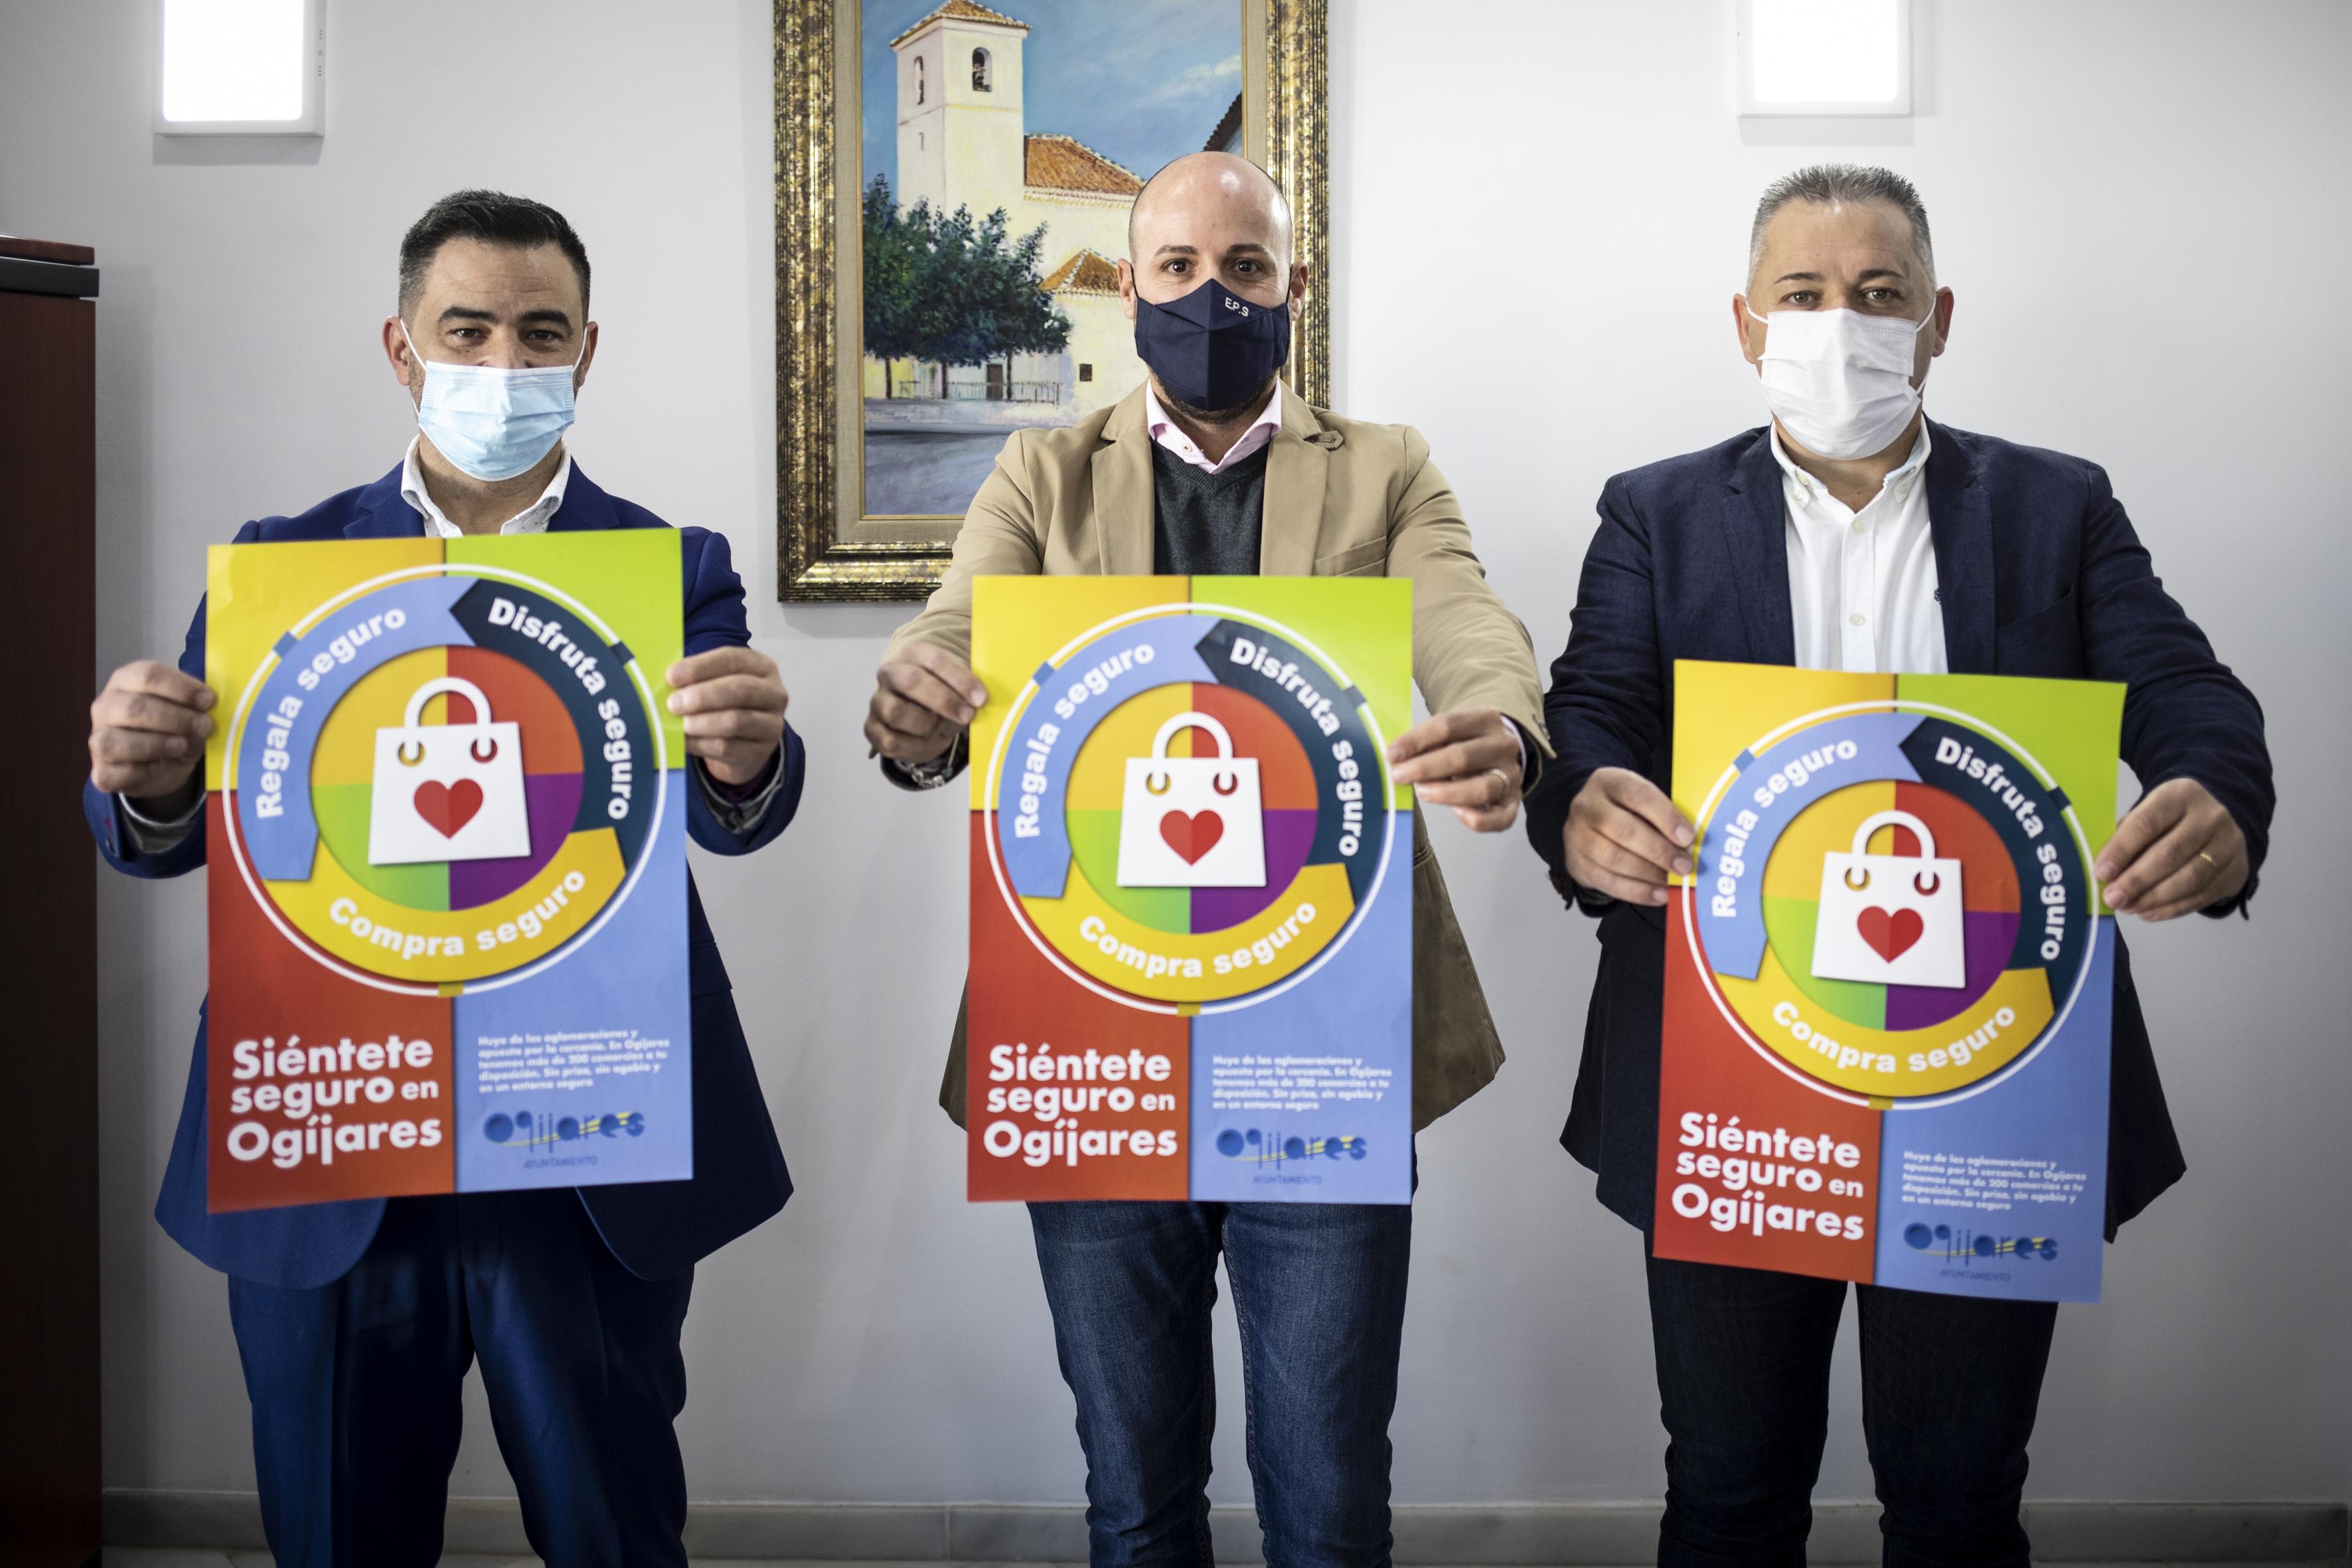 'Siéntete seguro en Ogíjares', campaña de apoyo al comercio local